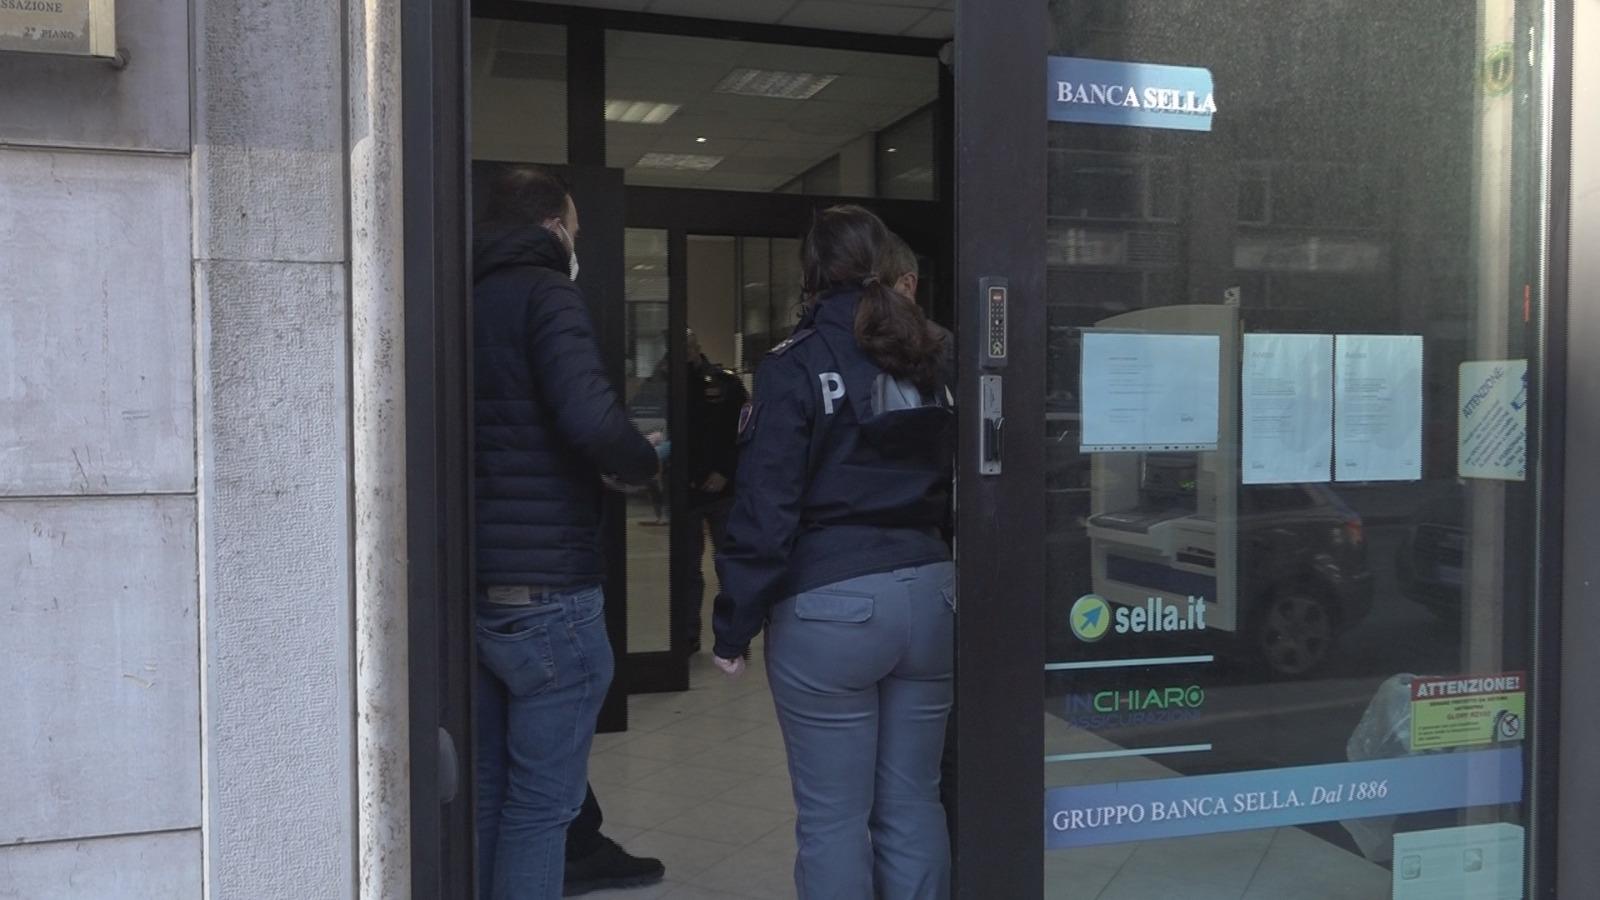 Avellino  Rapina alla Banca Sella, 2 banditi tengono in ostaggio clienti e dipendenti per circa mezz'ora e poi fuggono con il bottino